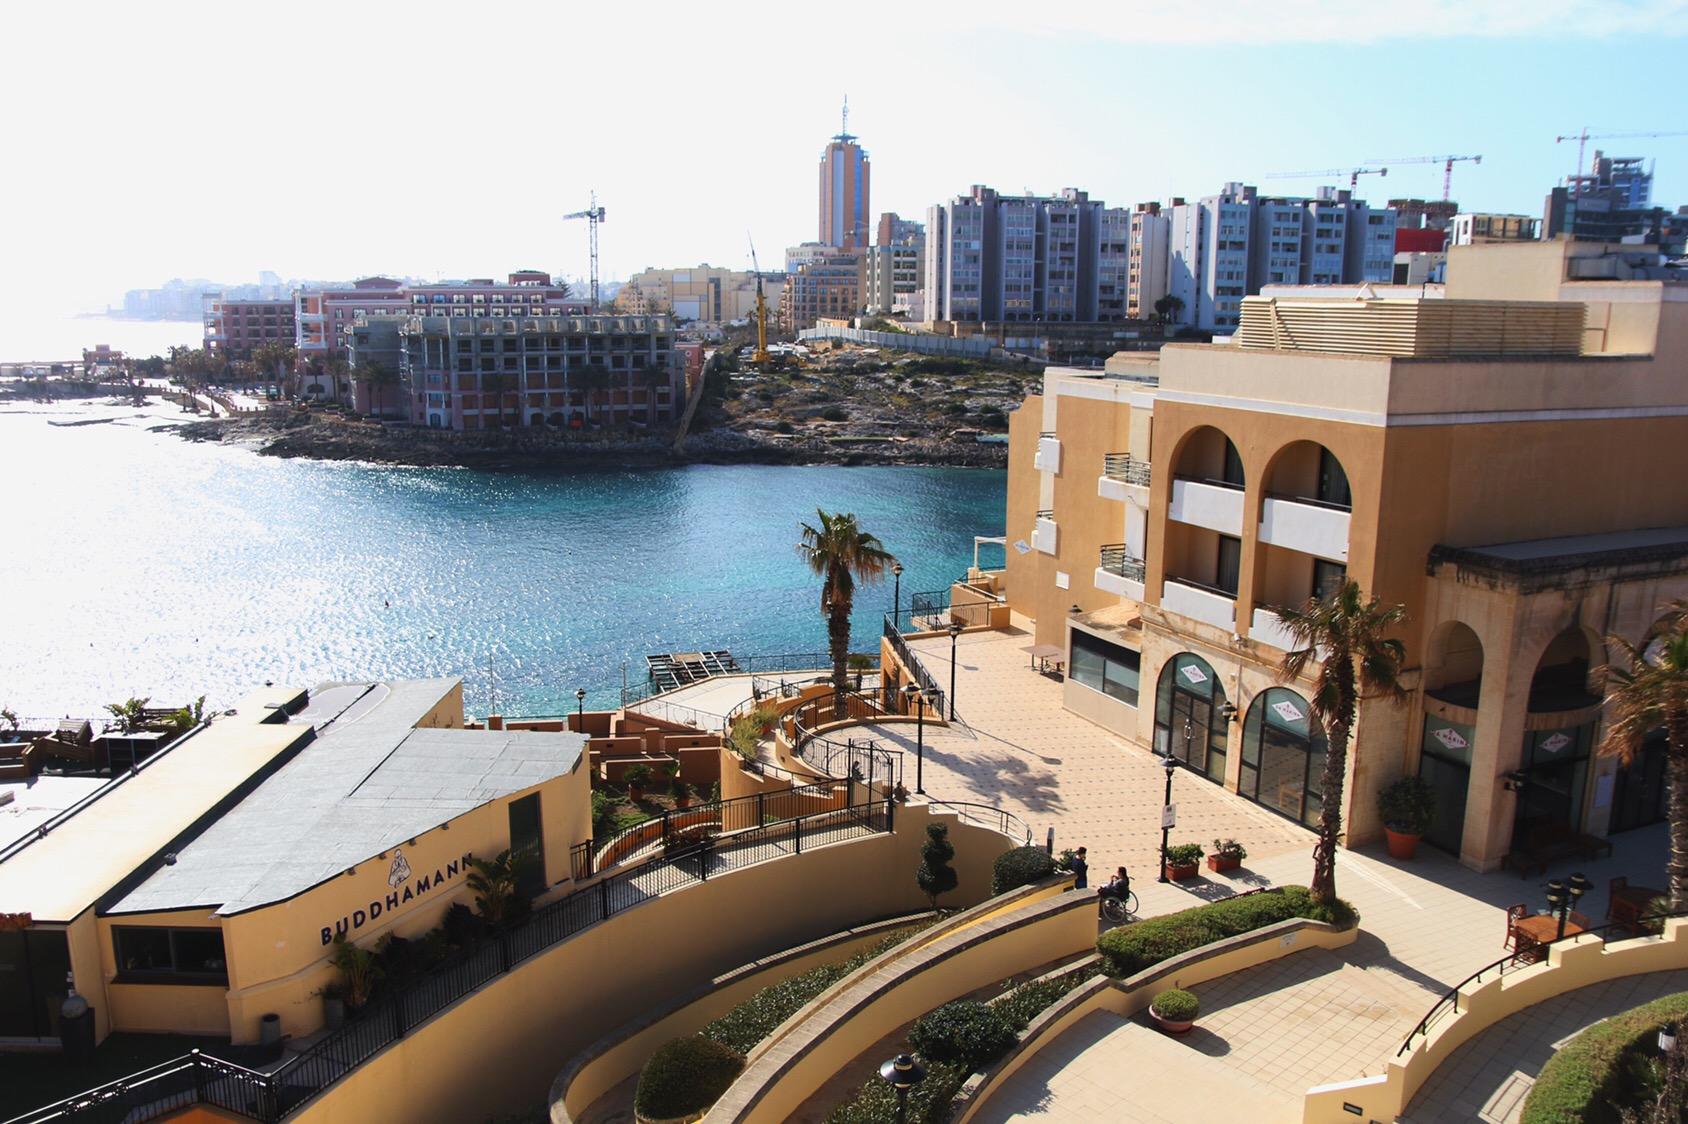 マルタ旅行でホテルはどのエリアを選ぶ?〜バレッタ/スリーマ/セントジュリアンを比較〜